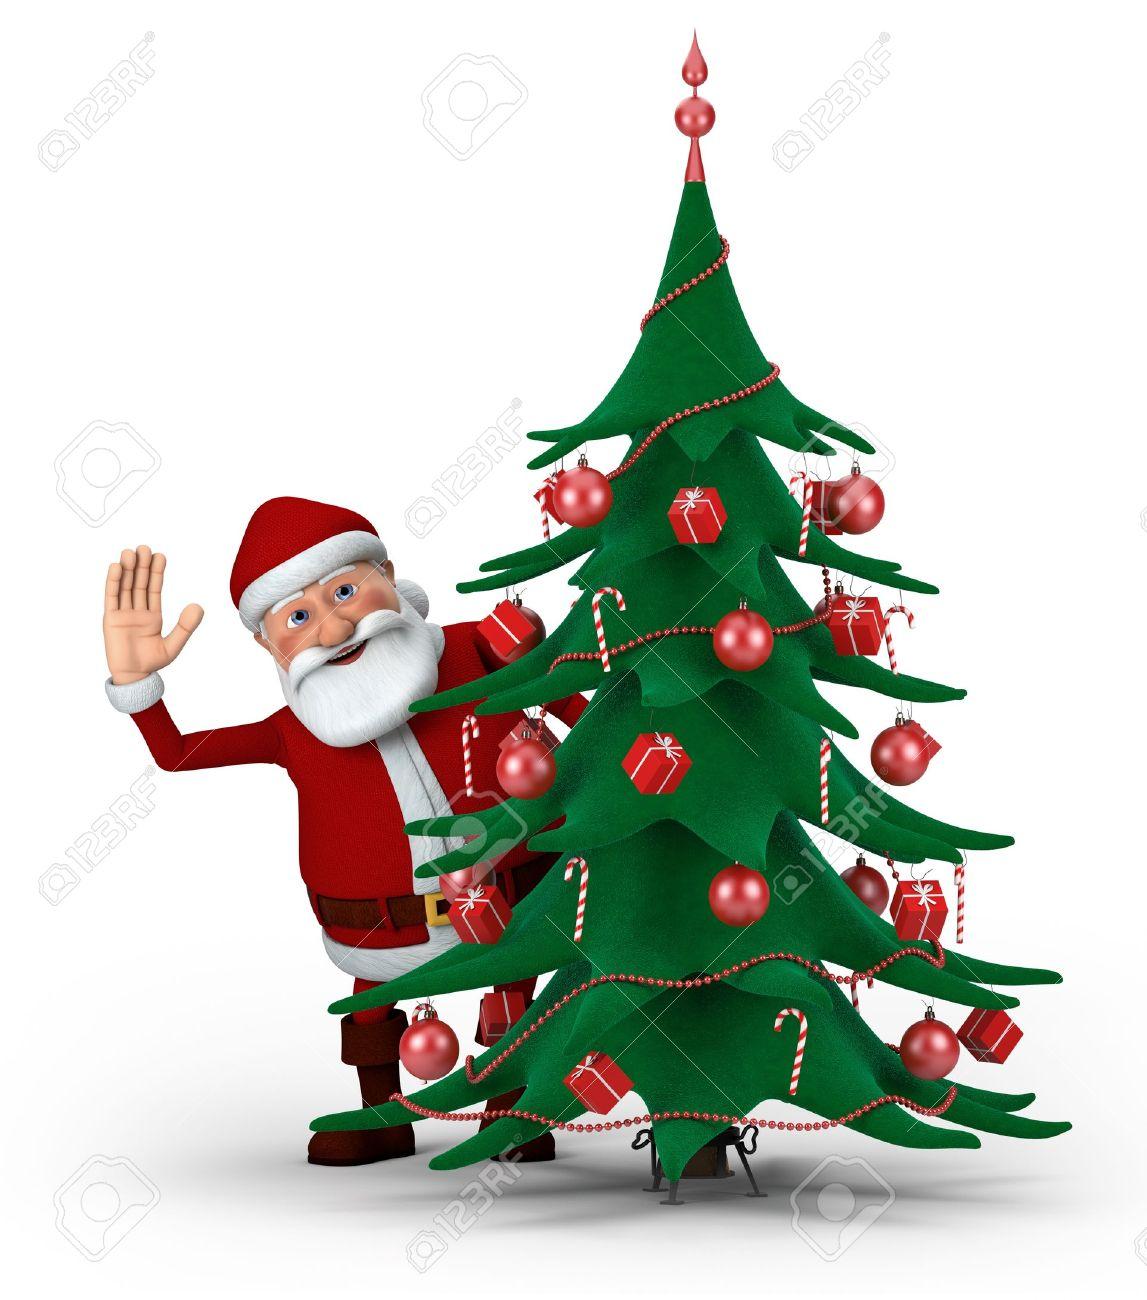 dibujos animados de santa claus saludando desde detrs del rbol de navidadd ilustracin de